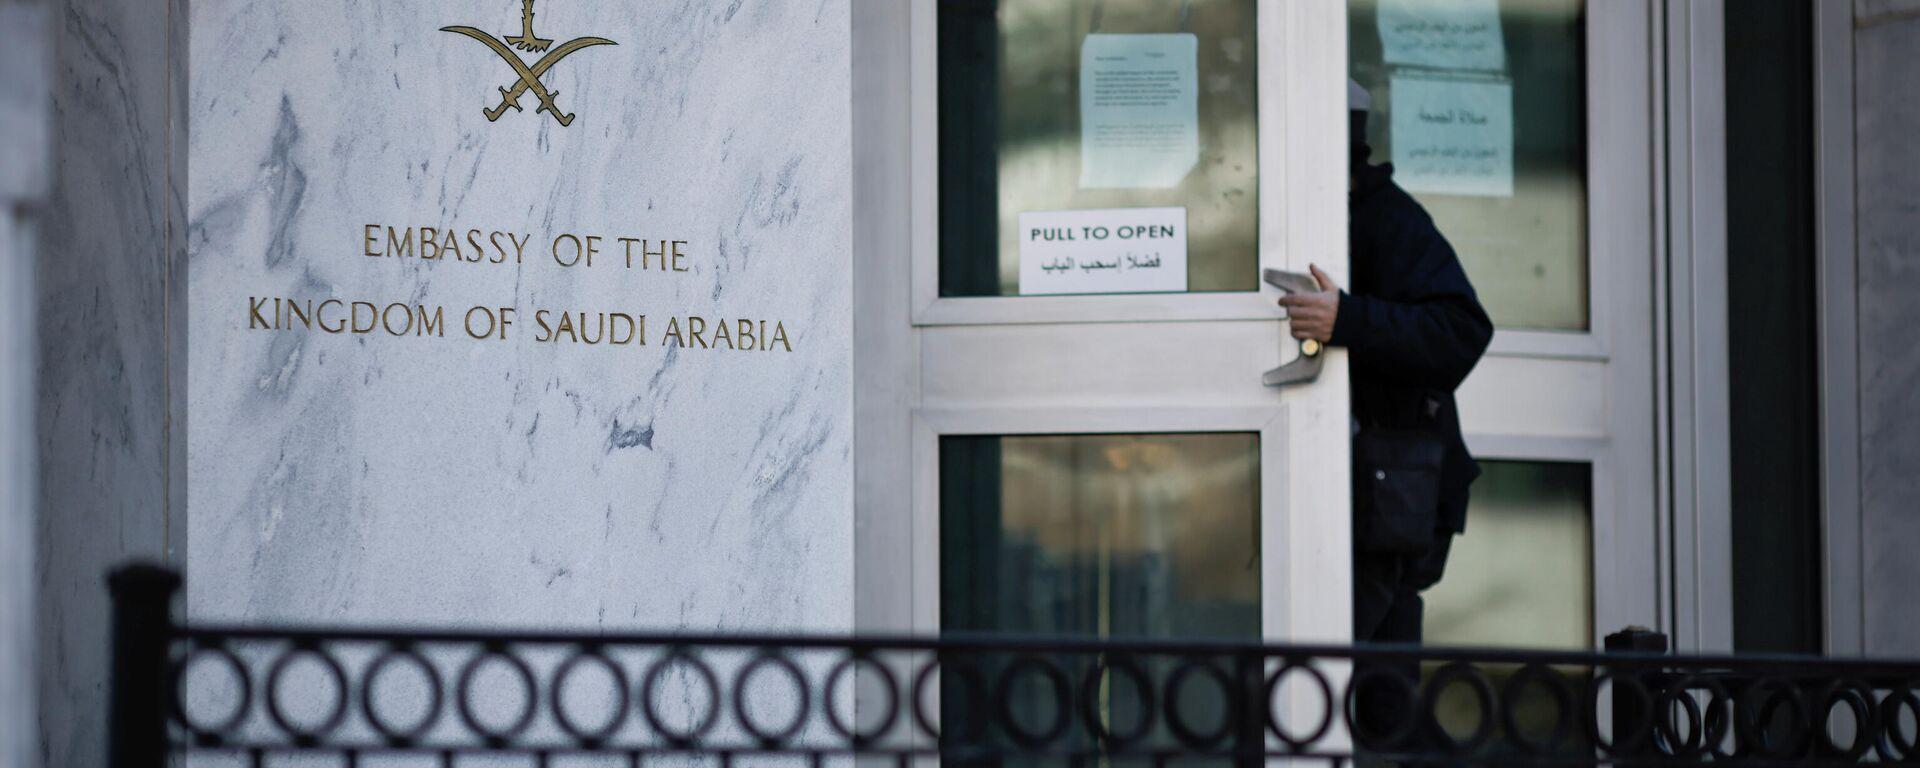 Die saudi-arabische Botschaft in Washington, D.C.  - SNA, 1920, 26.02.2021